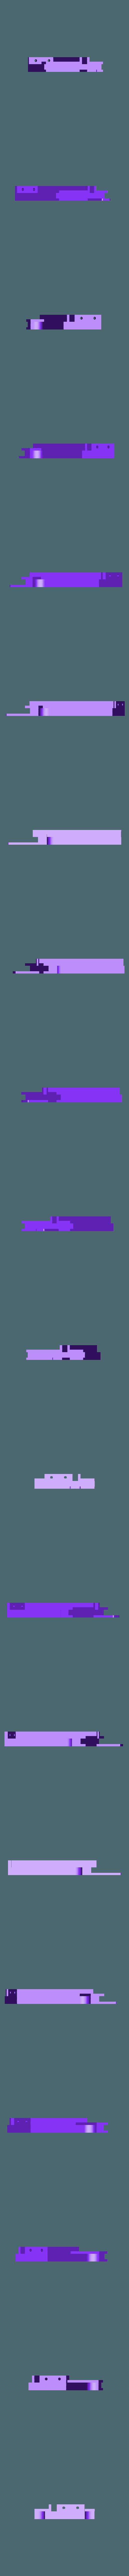 TopLeft.stl Télécharger fichier STL gratuit Anet A8 Renforcement de structure • Modèle à imprimer en 3D, Israel_OE